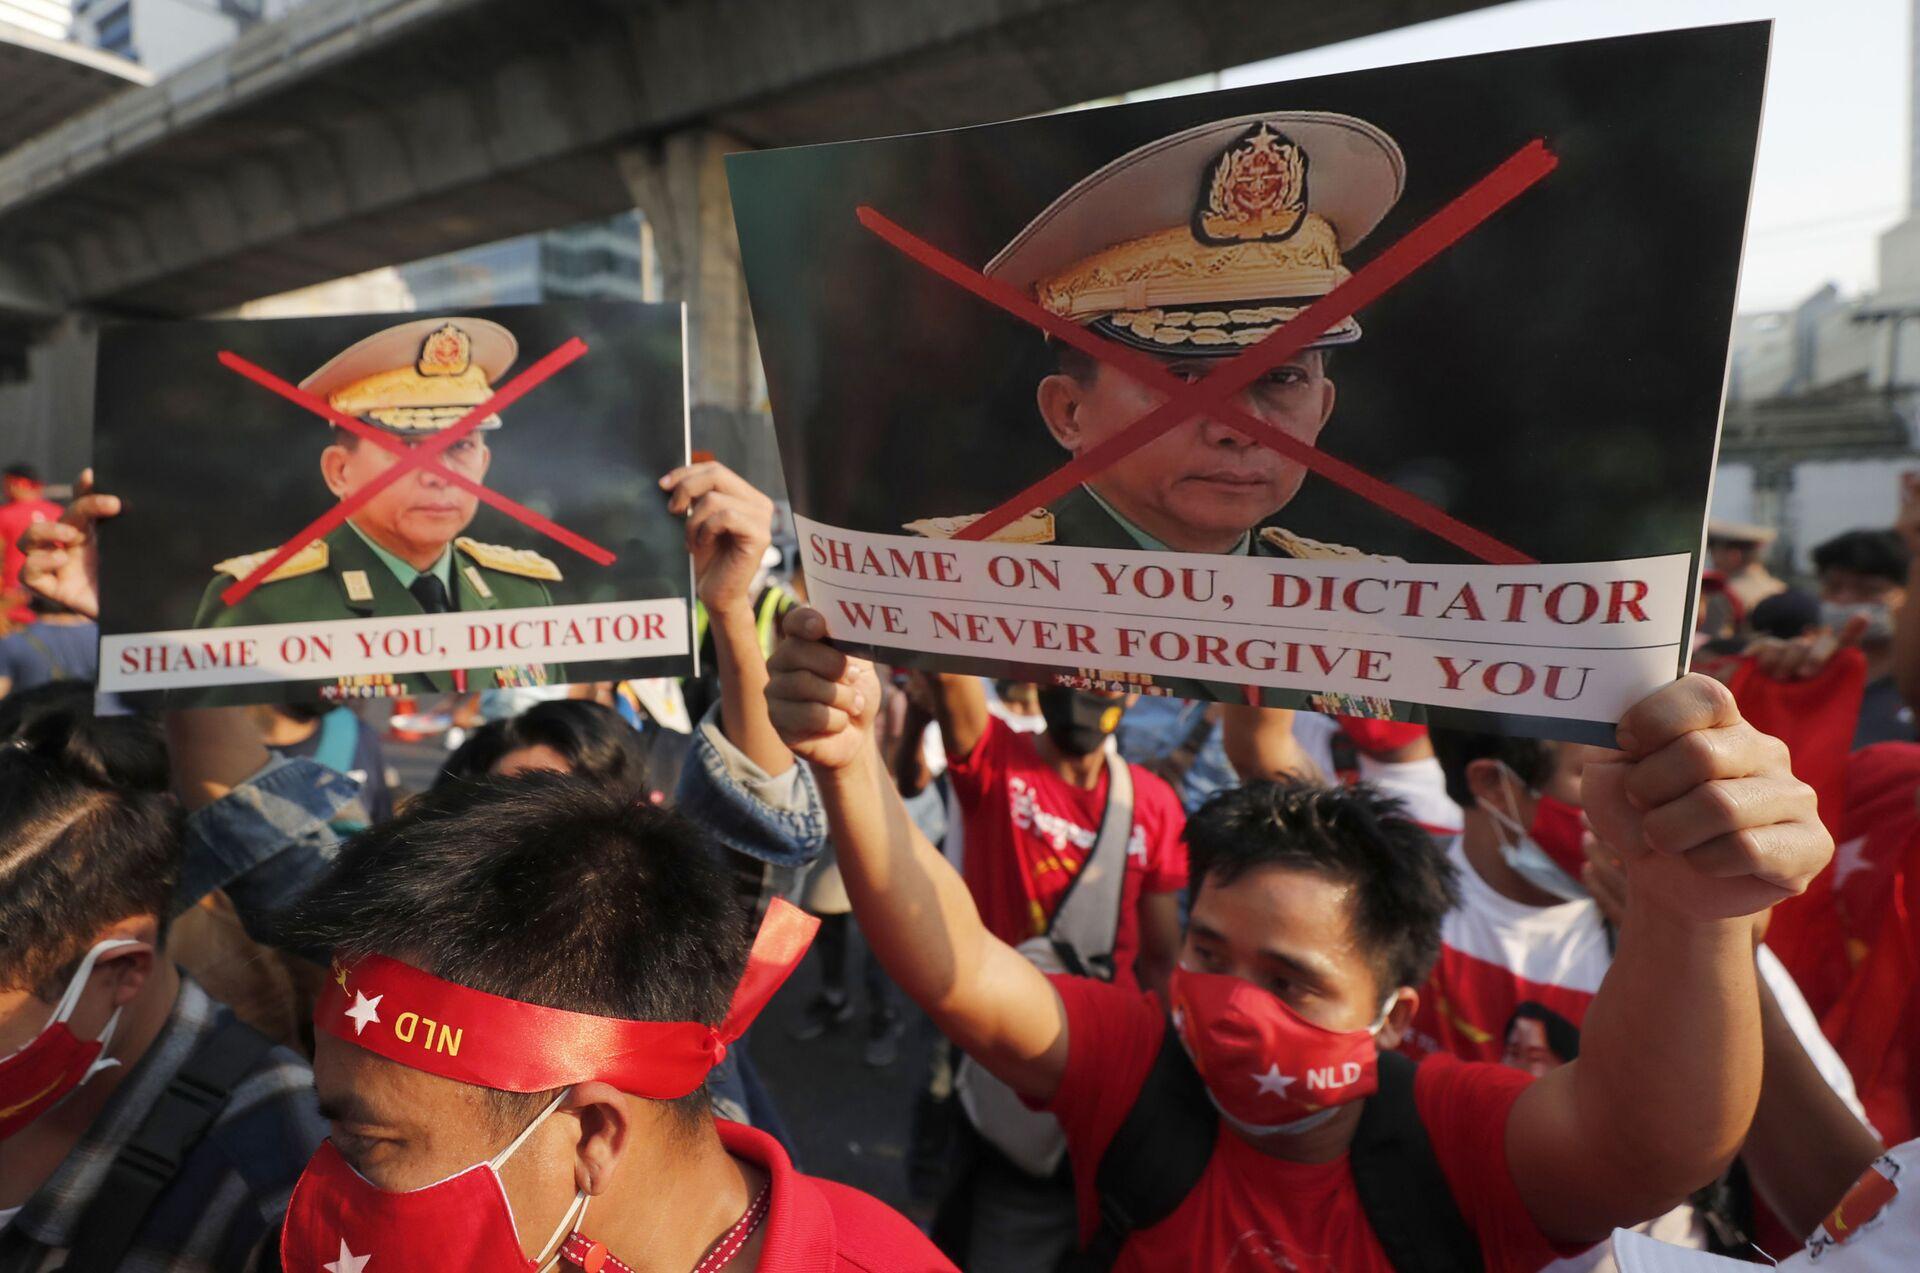 Manifestantes birmanos en Tailandia protestan contra el golpe de Estado en Birmania - Sputnik Mundo, 1920, 11.02.2021